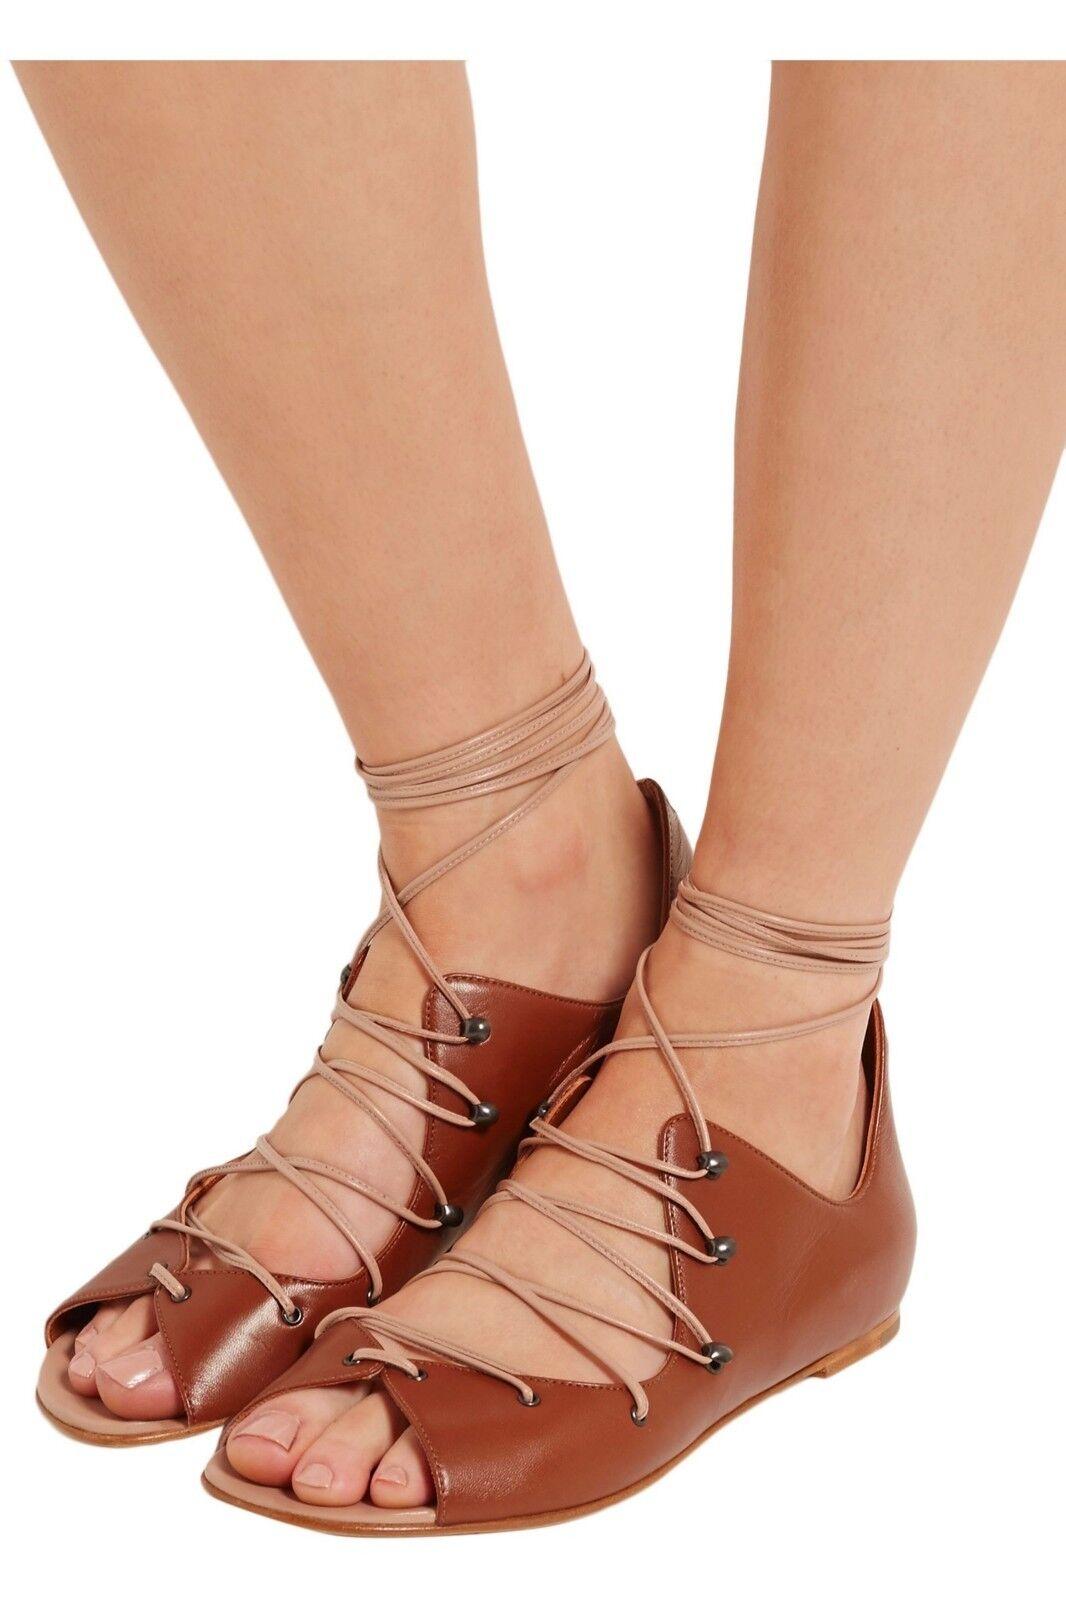 Malone Souliers Savannah lace-up leather sandals Größe EU 36.5 Us 6.5  675